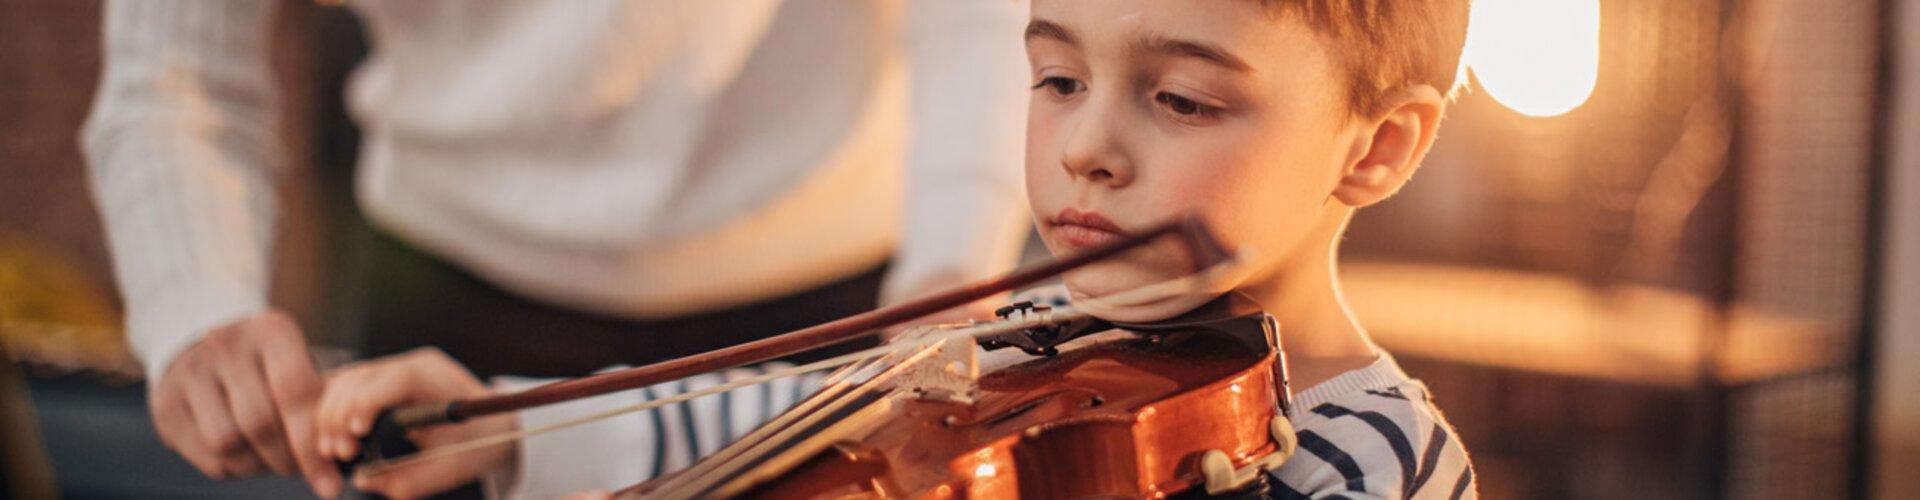 musikinstitut-genima-muenchen-musikunterricht-geige-04